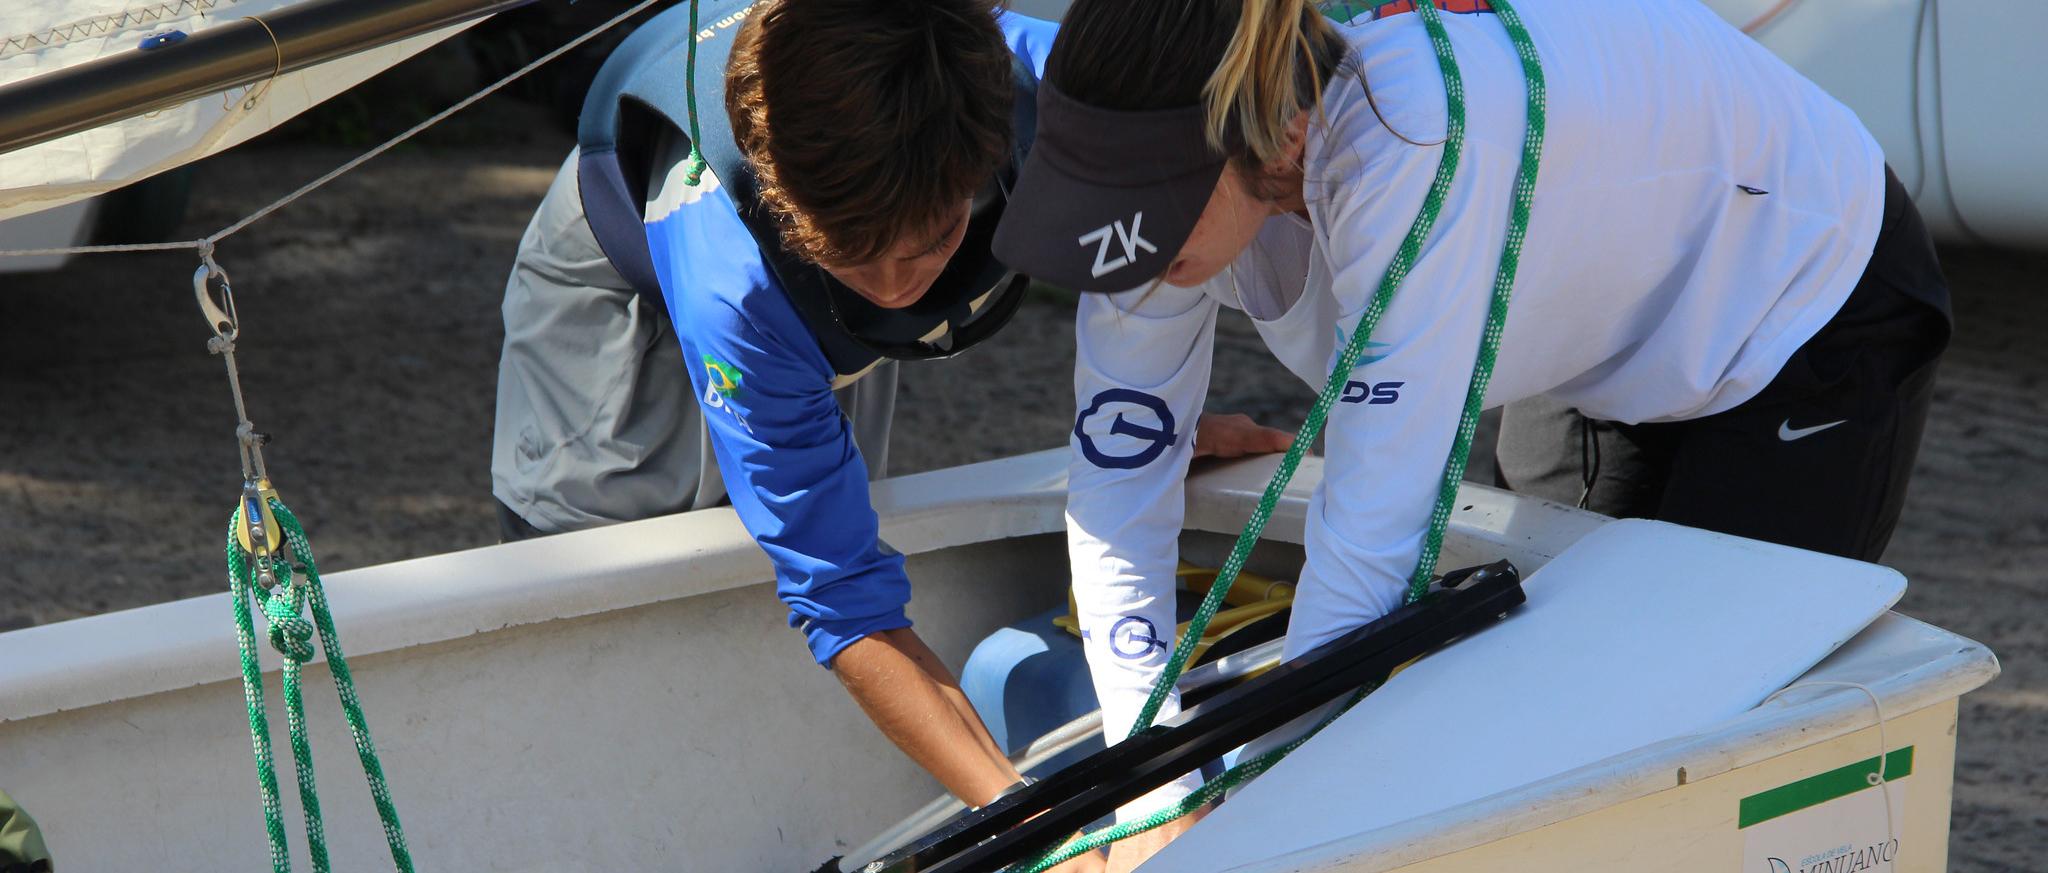 Demonstre seu amor pela vela, seja voluntário do VDS nos campeonatos de Optimist!